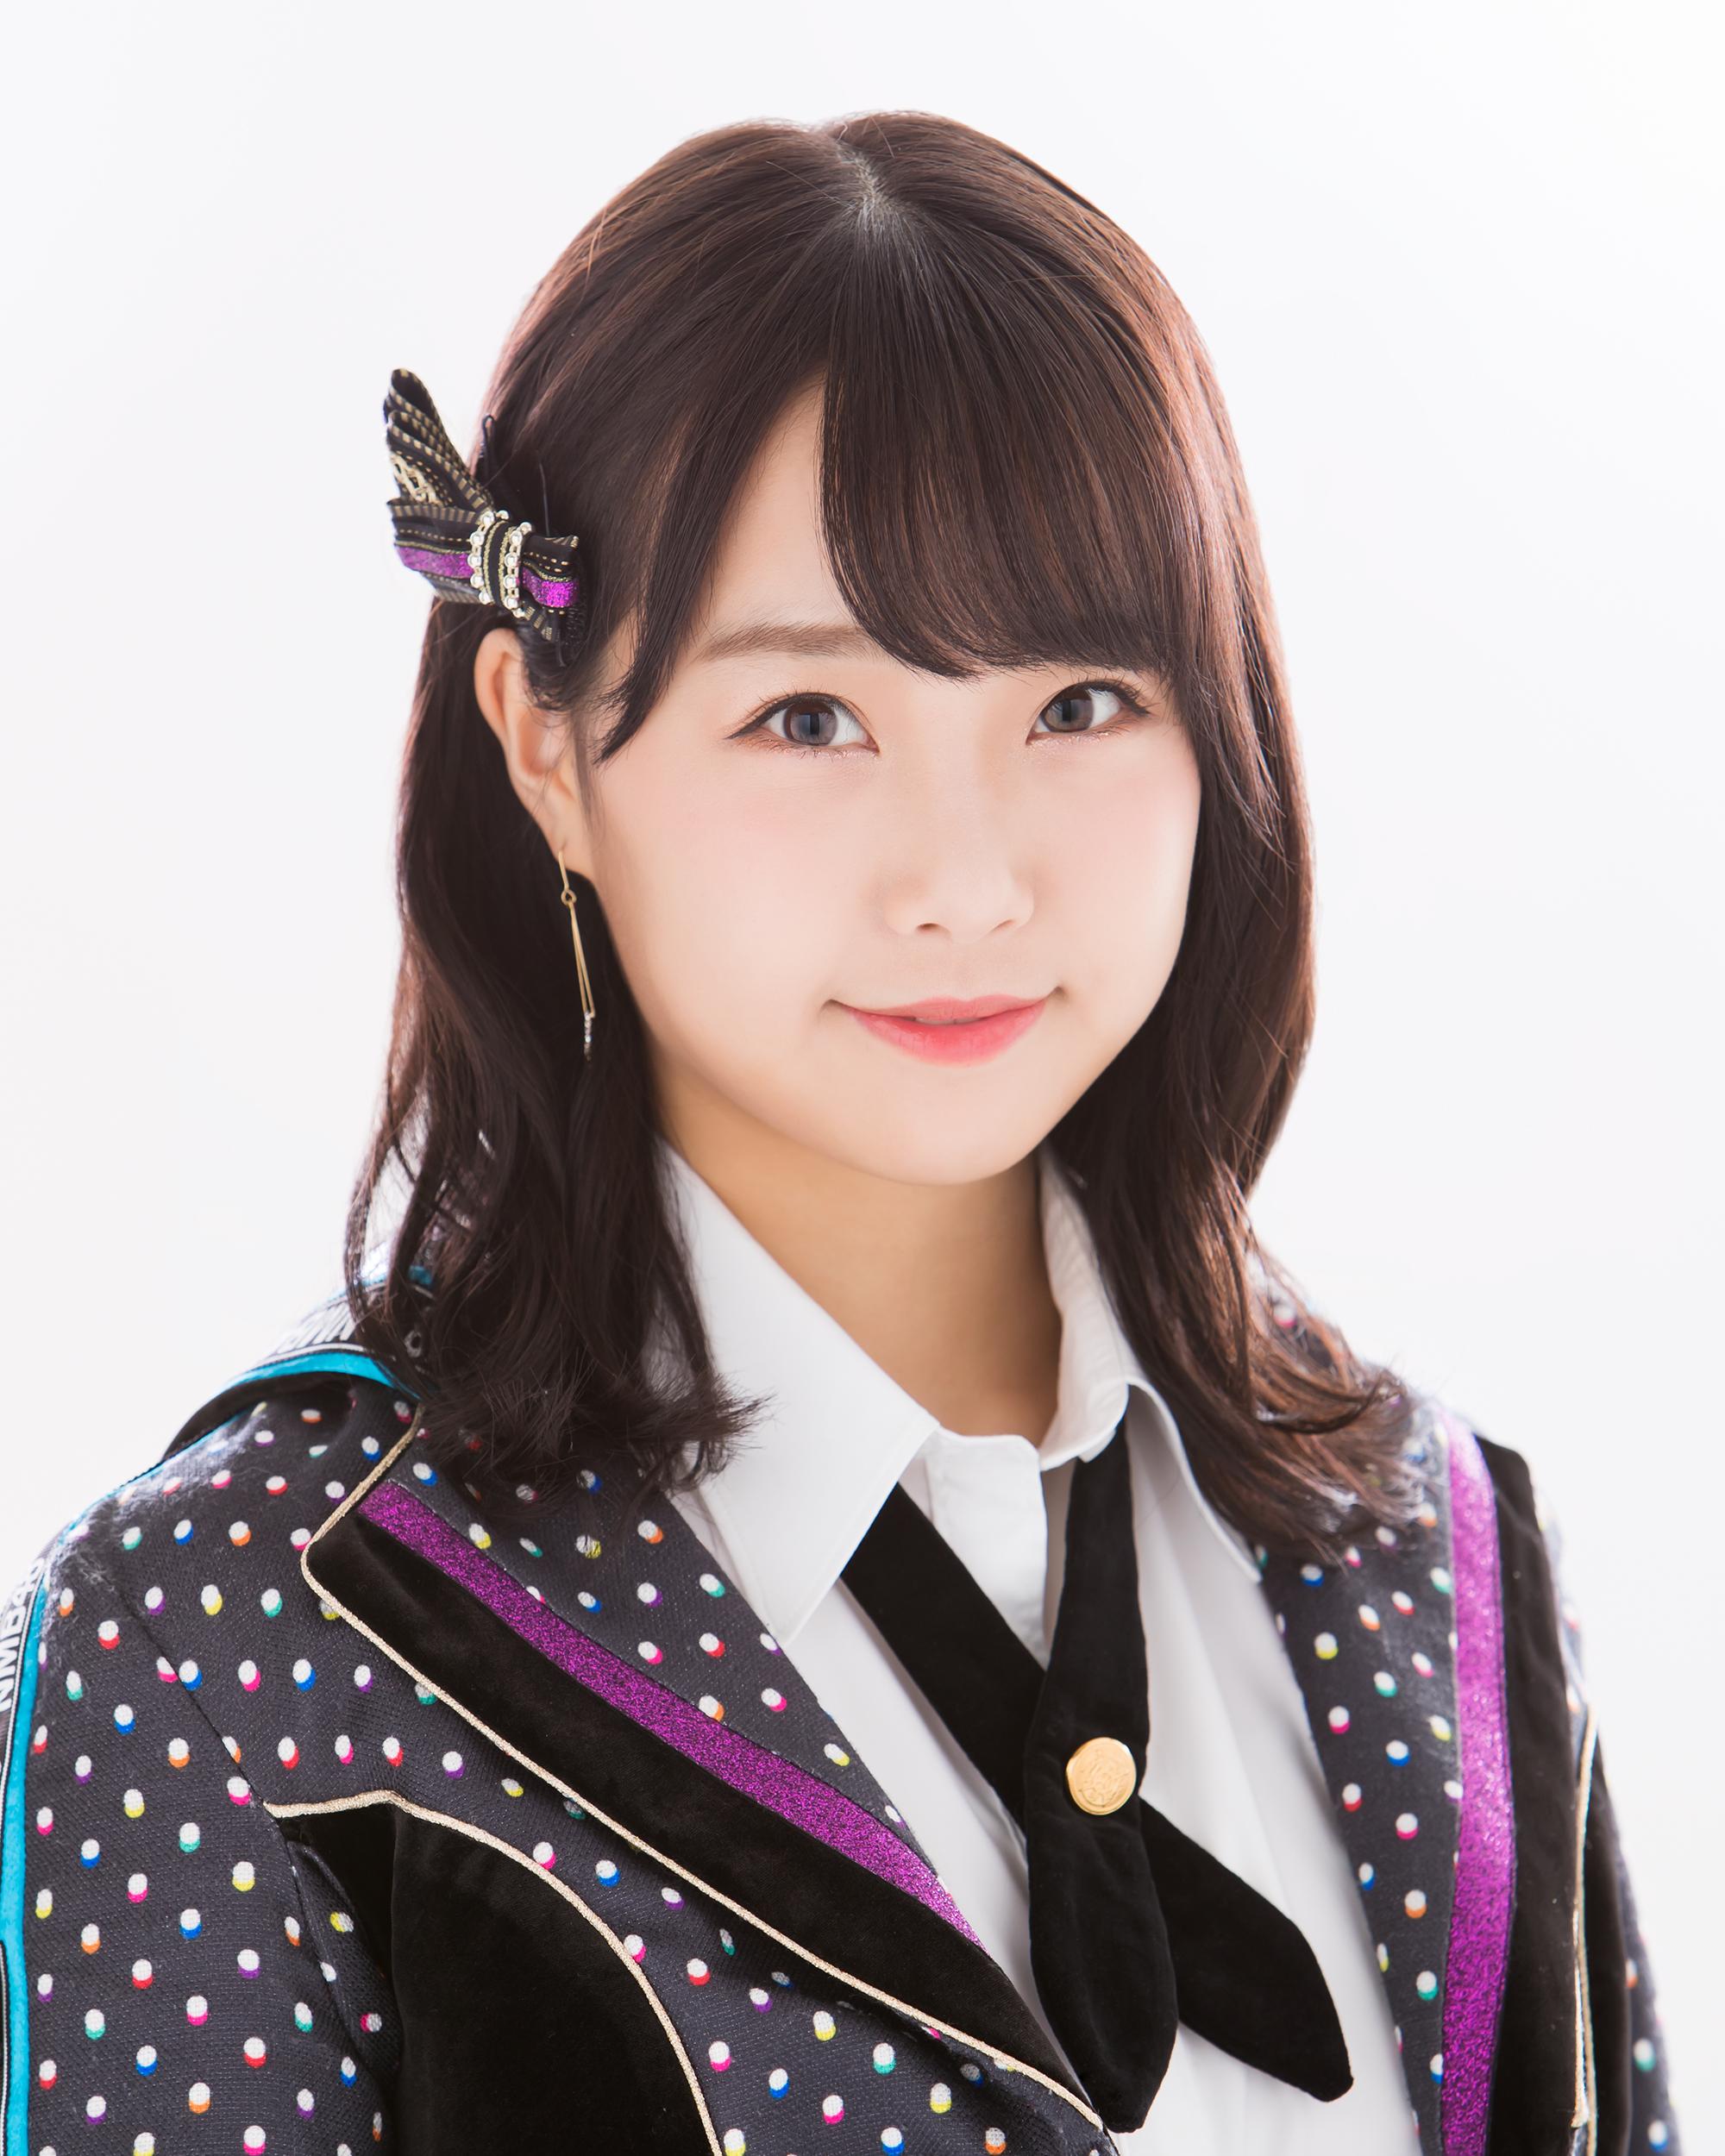 Kato Yuuka